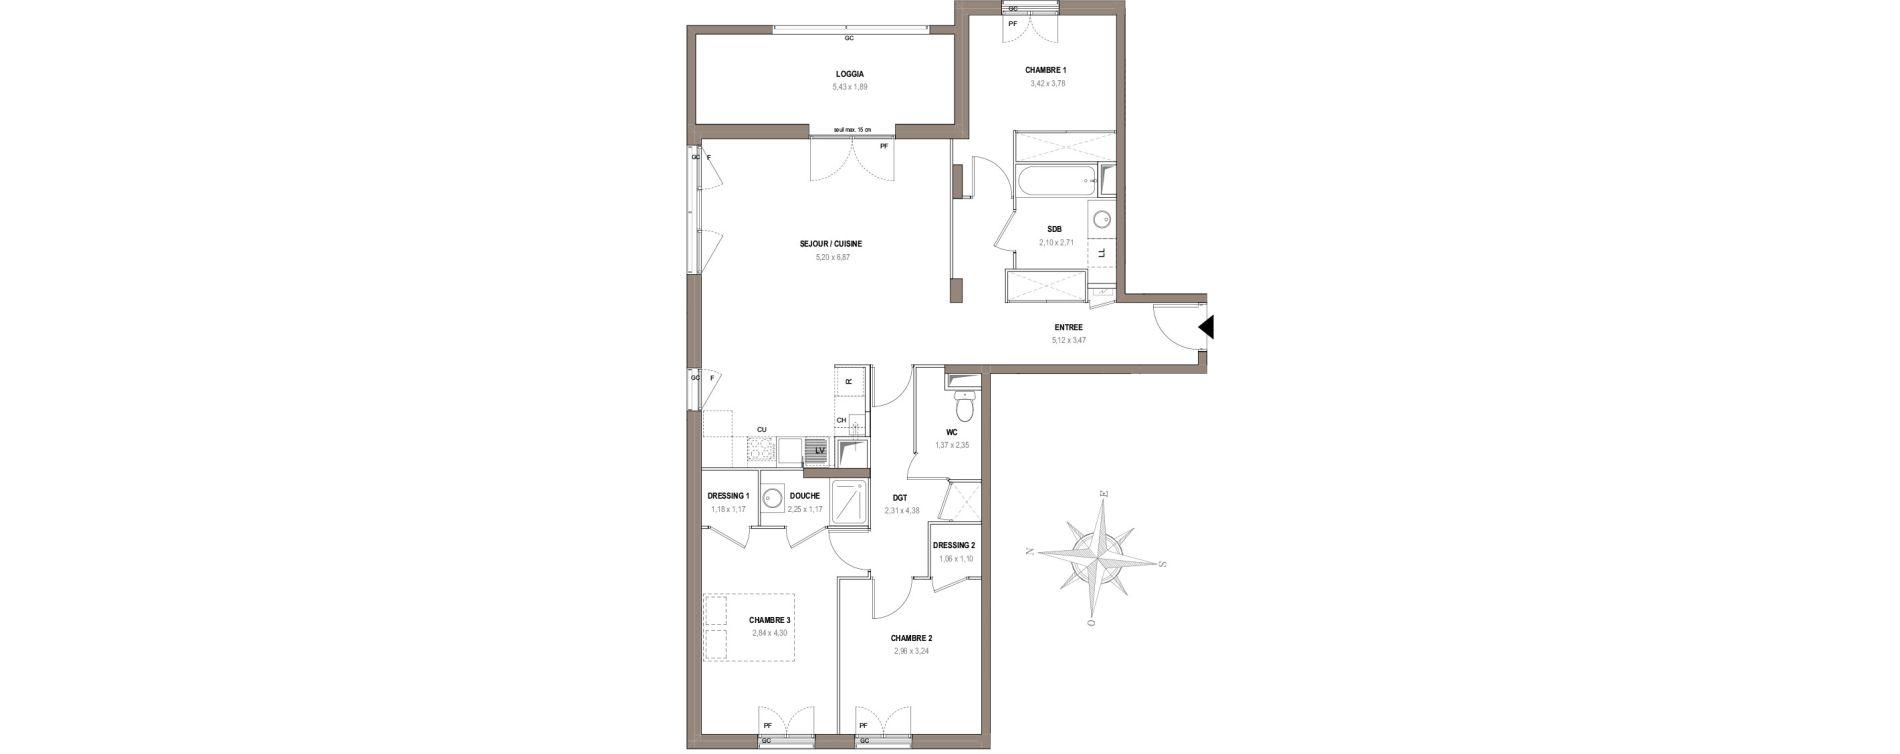 Appartement T4 de 92,45 m2 à Villeurbanne Gratte-ciel - dedieu - charmettes